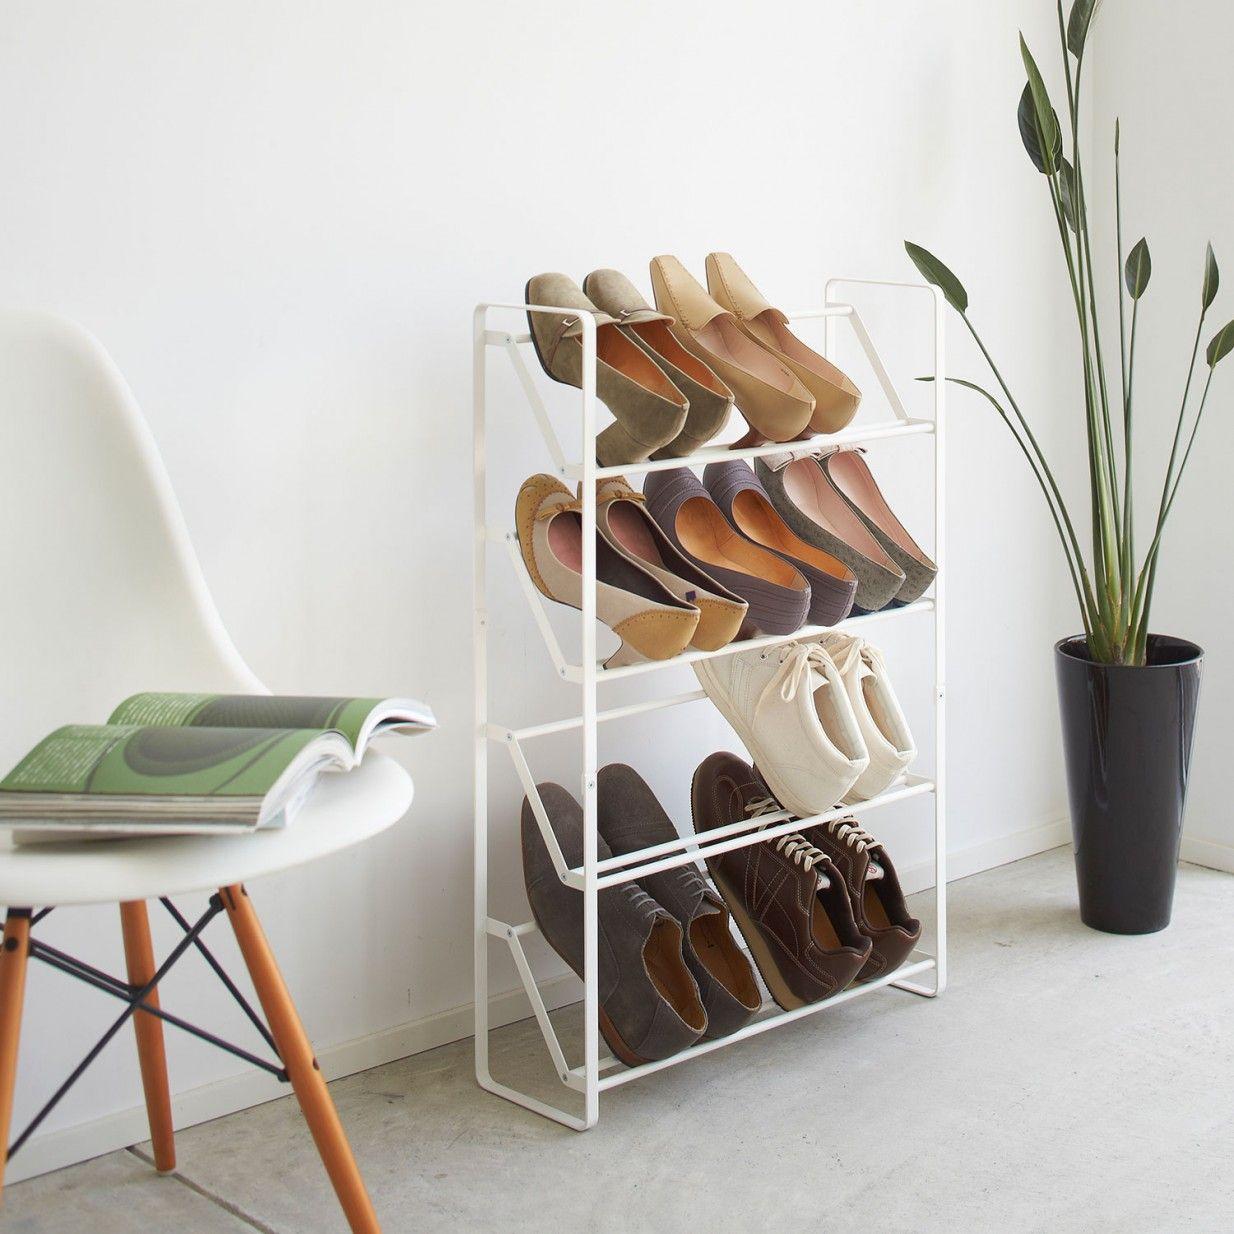 schuhregal wei schmal elegant flur schuhregal schmal attraktive schuhregale die ihren innenraum. Black Bedroom Furniture Sets. Home Design Ideas